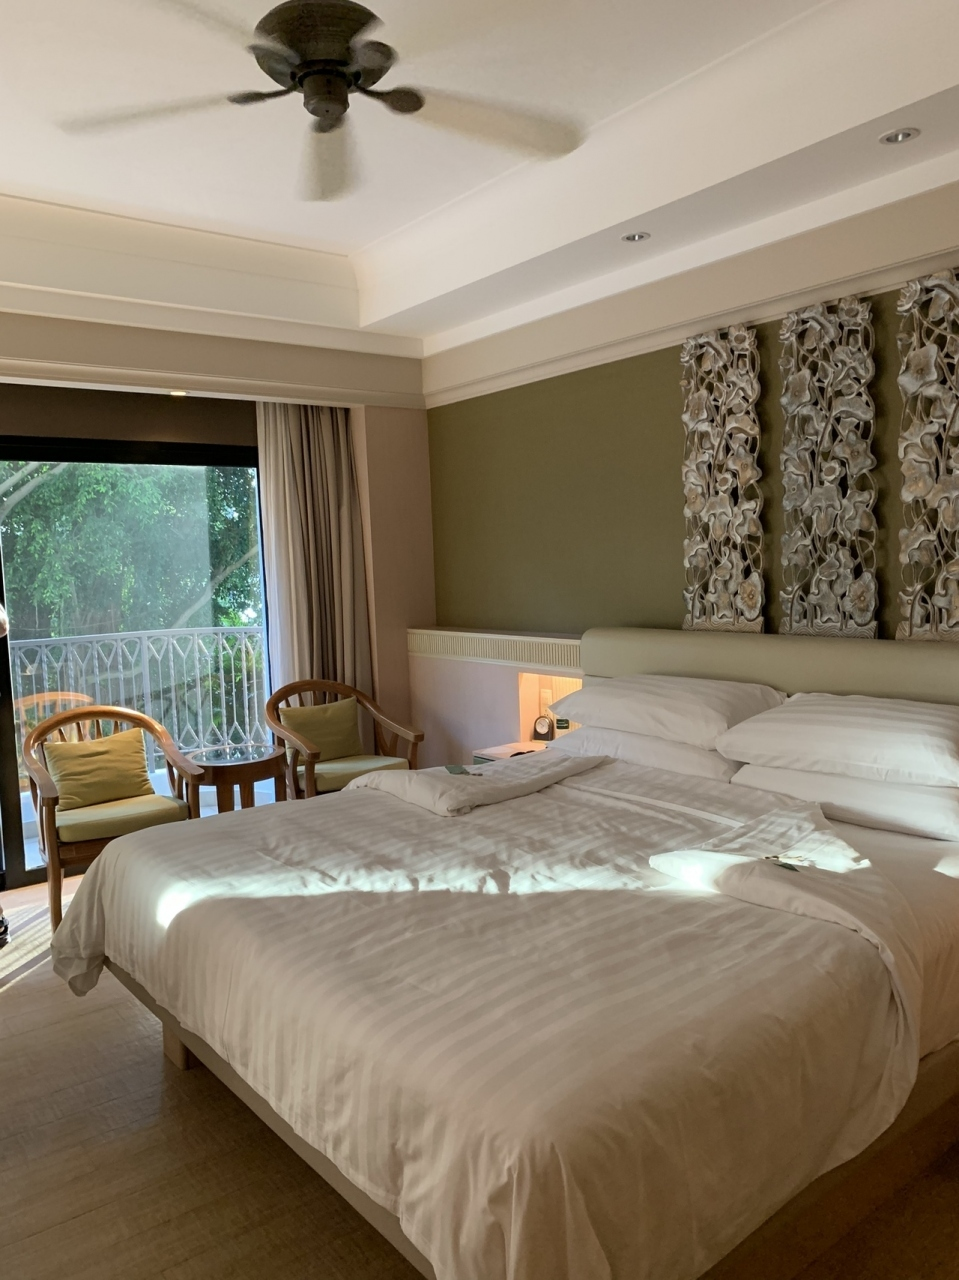 ホテル到着。 ホテルは憧れのシャングリラ!! 高級リゾートホテル好きの母の憧れでした。  国内では高すぎて泊まれない。 シンガポールでも高かったので(1泊20000円くらいでした。) 一番ランクの下のタイプだけど 十分広いし清潔で快適でした。  シャングリラに泊まれたことでこの旅の目的の半分は達成w